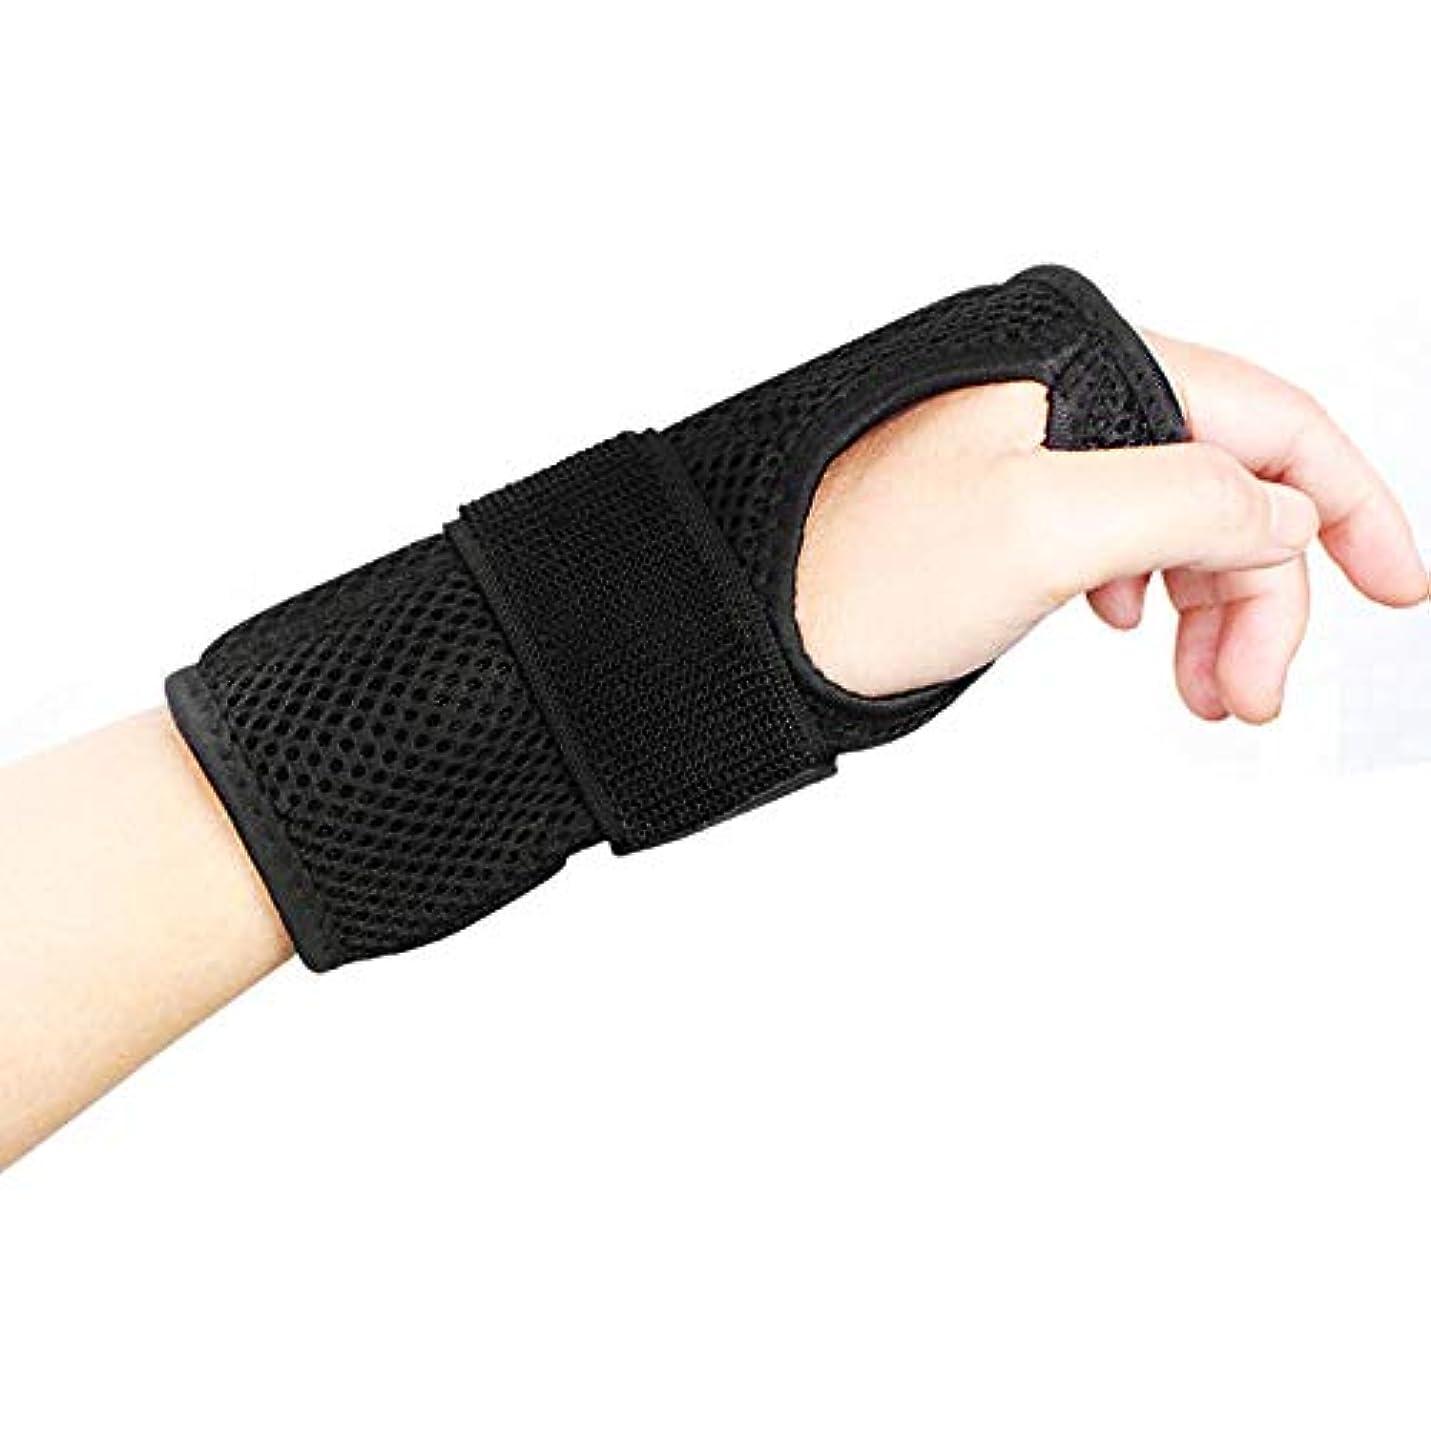 顔料悲鳴ほめる手首サポートブレーススプリントは、怪我、スポーツ、ジム、繰り返しの緊張などのために医学的に承認された調整可能な弾性ブレースです デザイン,Righthand,M